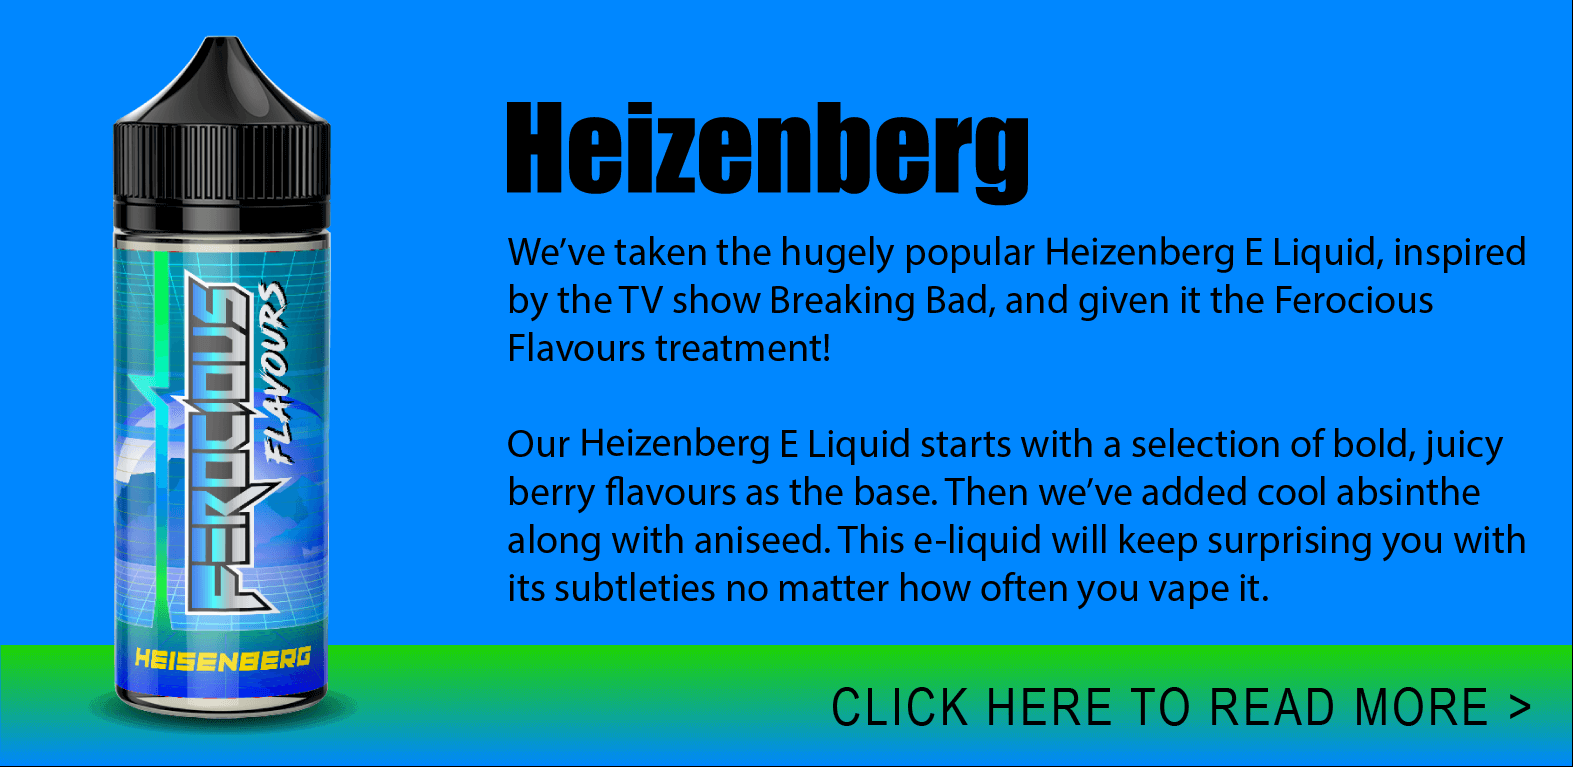 heizenberg blog image